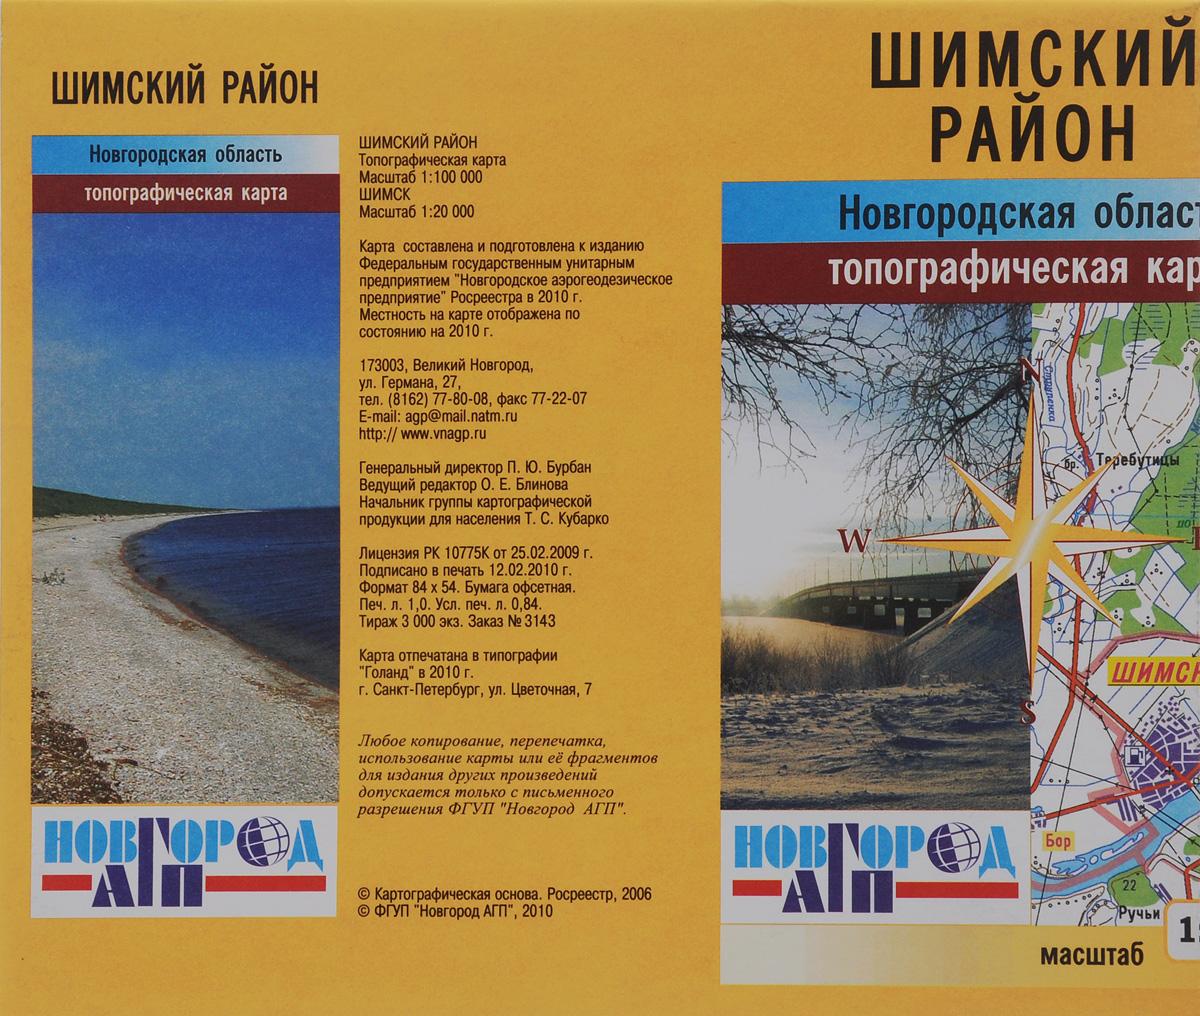 Шимский район. Новгородская область. Типографическая карта